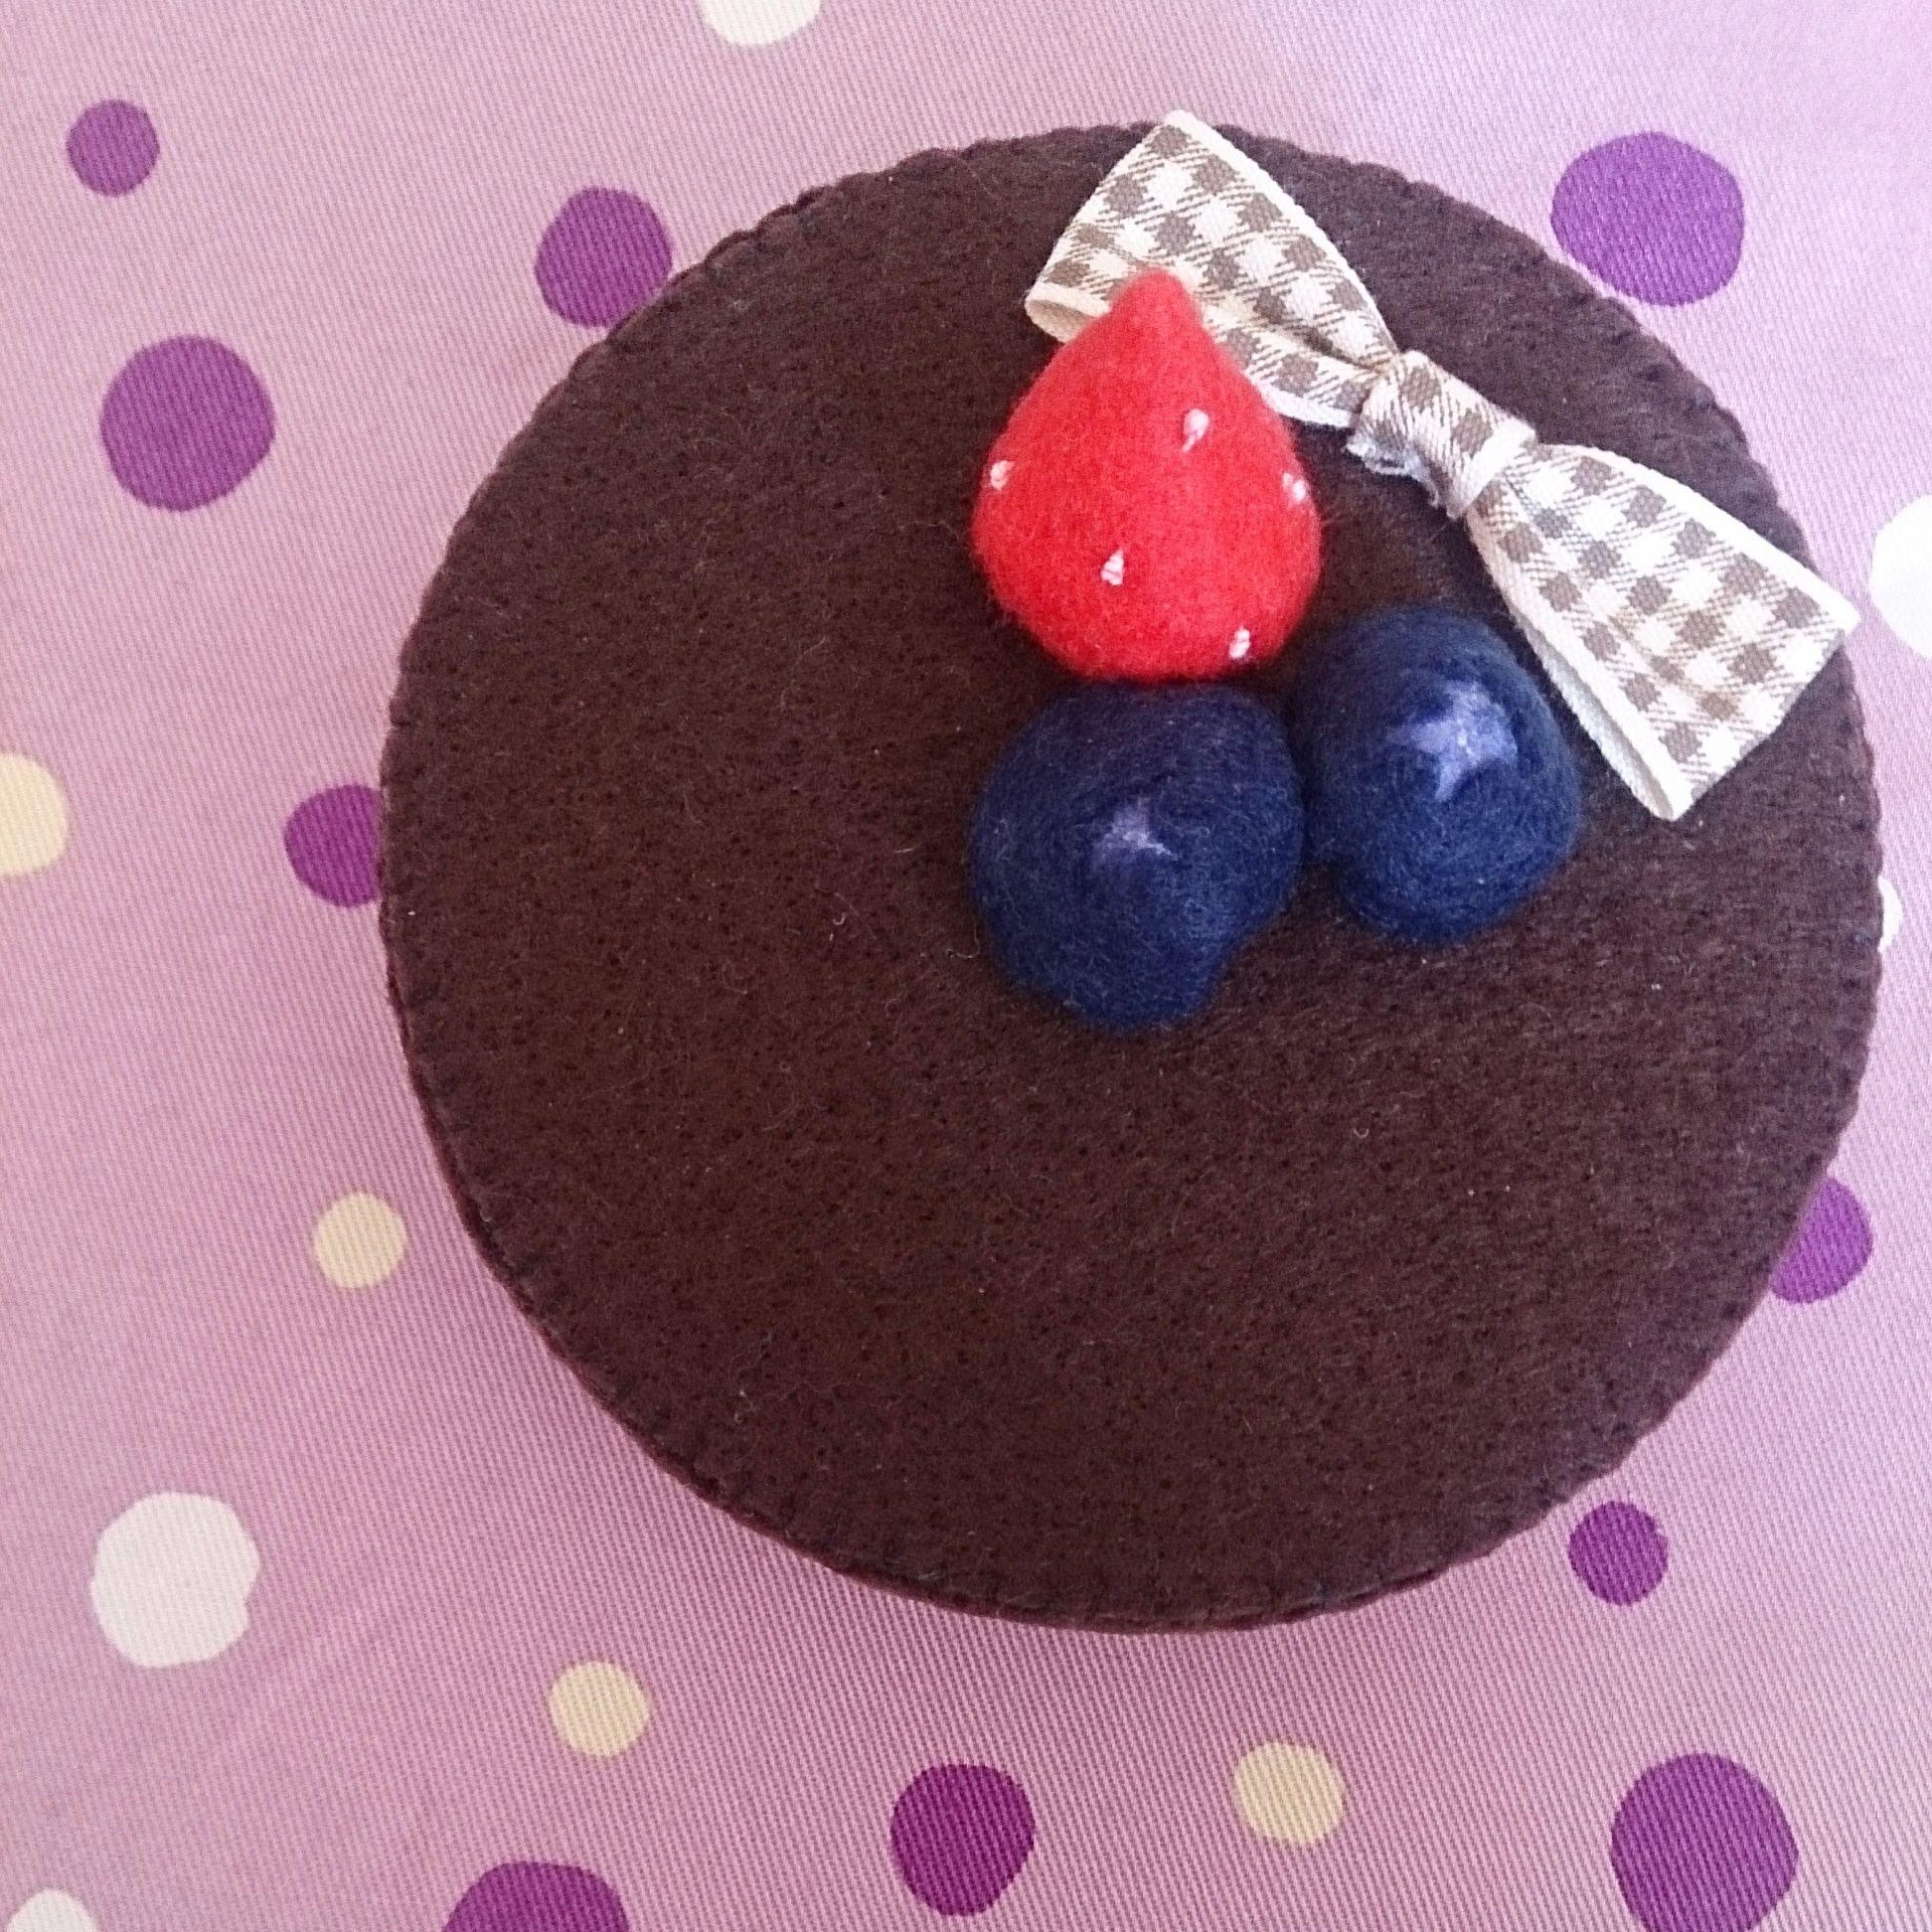 小物入れ【M】ブルーベリーチョコケーキ/フェルトケーキ